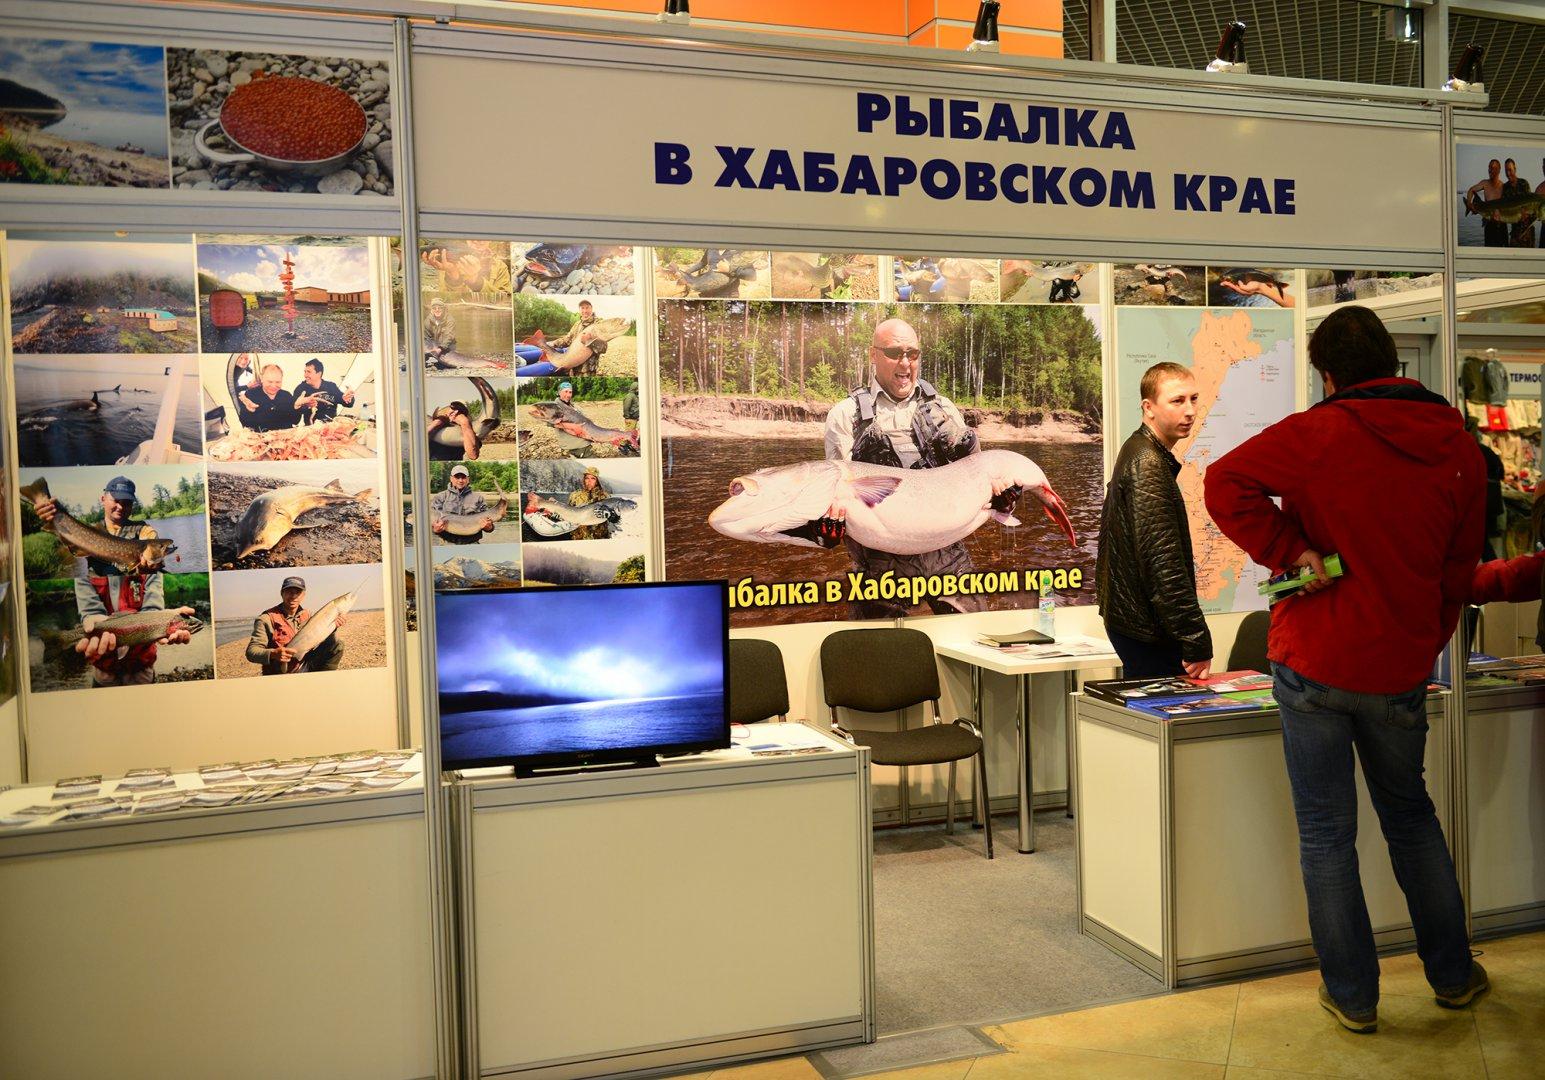 Время работы выставки охота и рыбалка